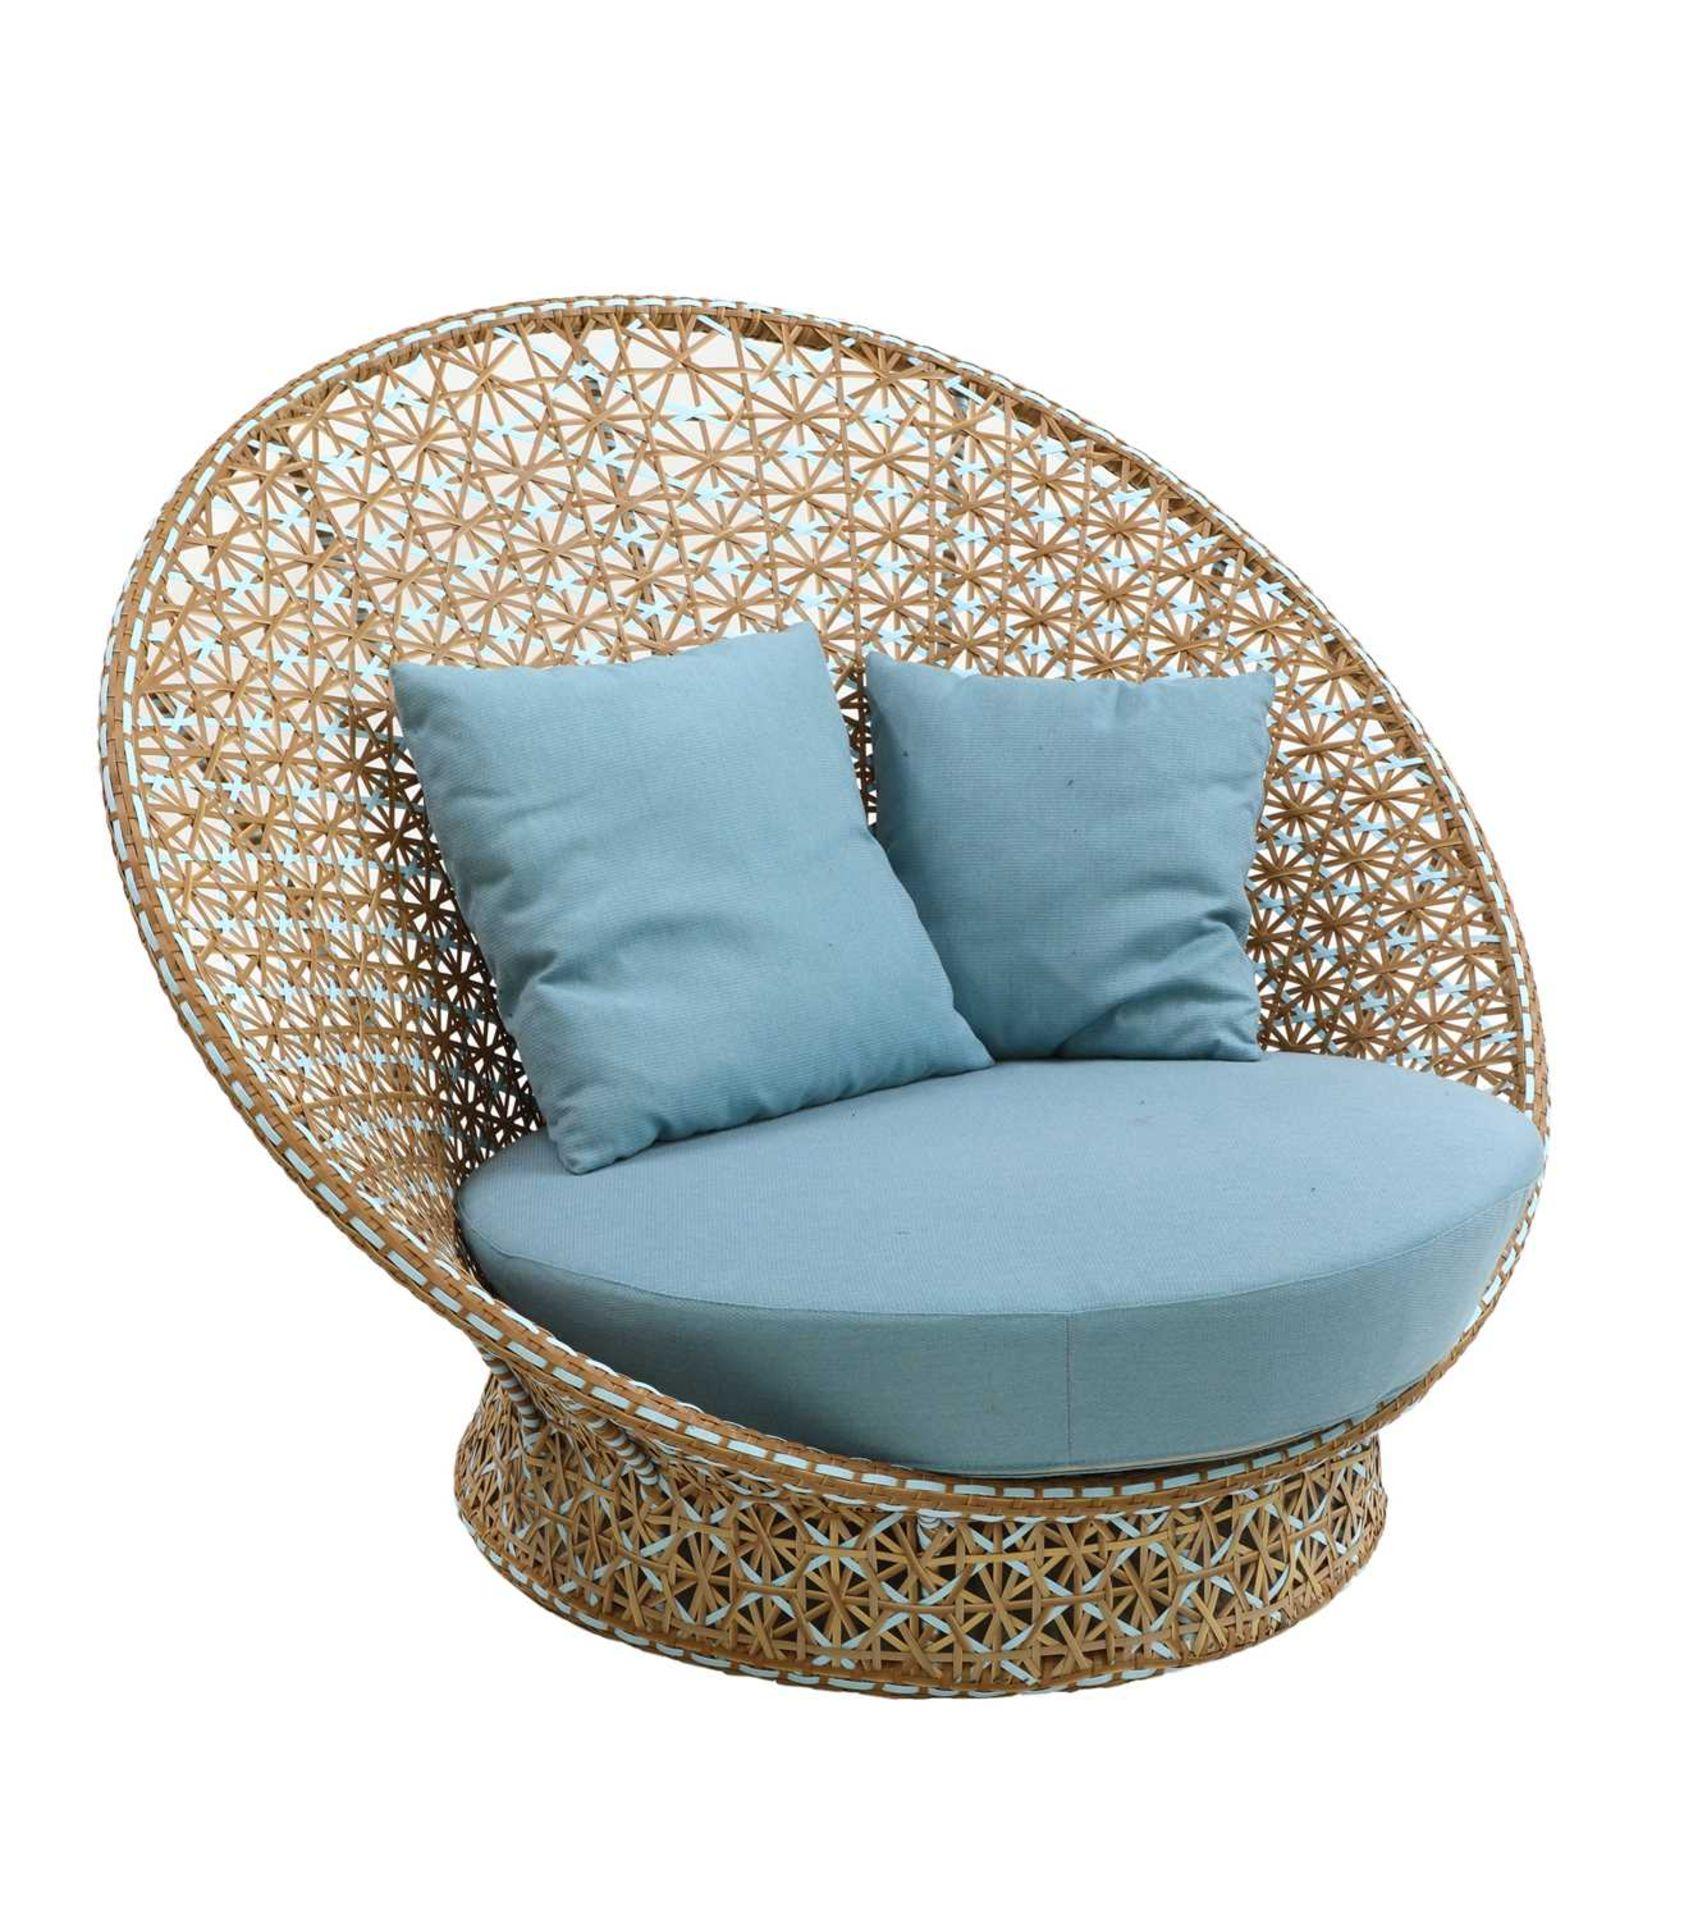 A 'peacock' chair,